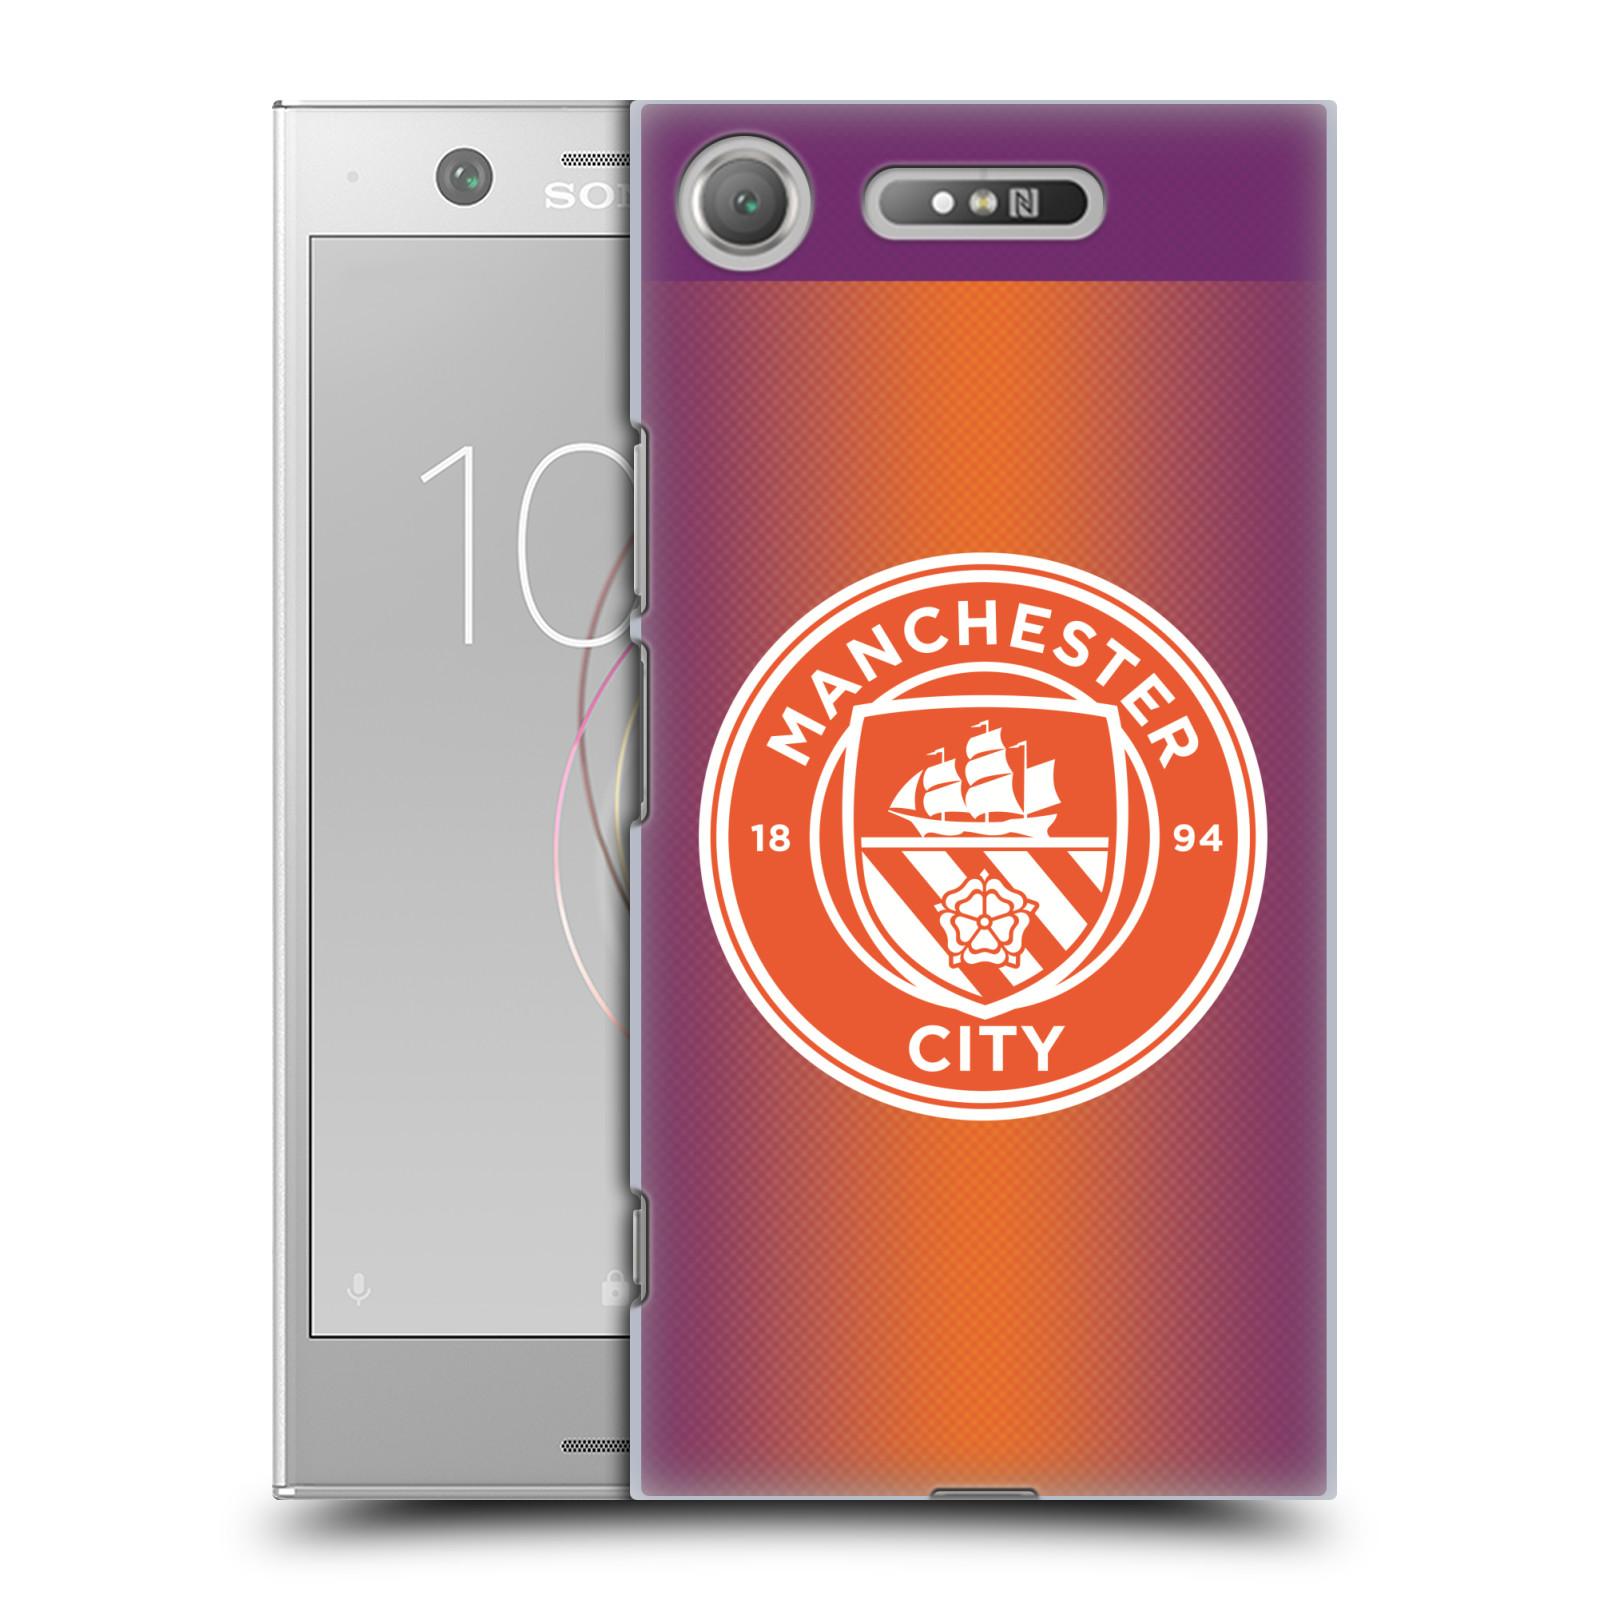 Plastové pouzdro na mobil Sony Xperia XZ1 - Head Case - Manchester City FC - Oranžové nové logo